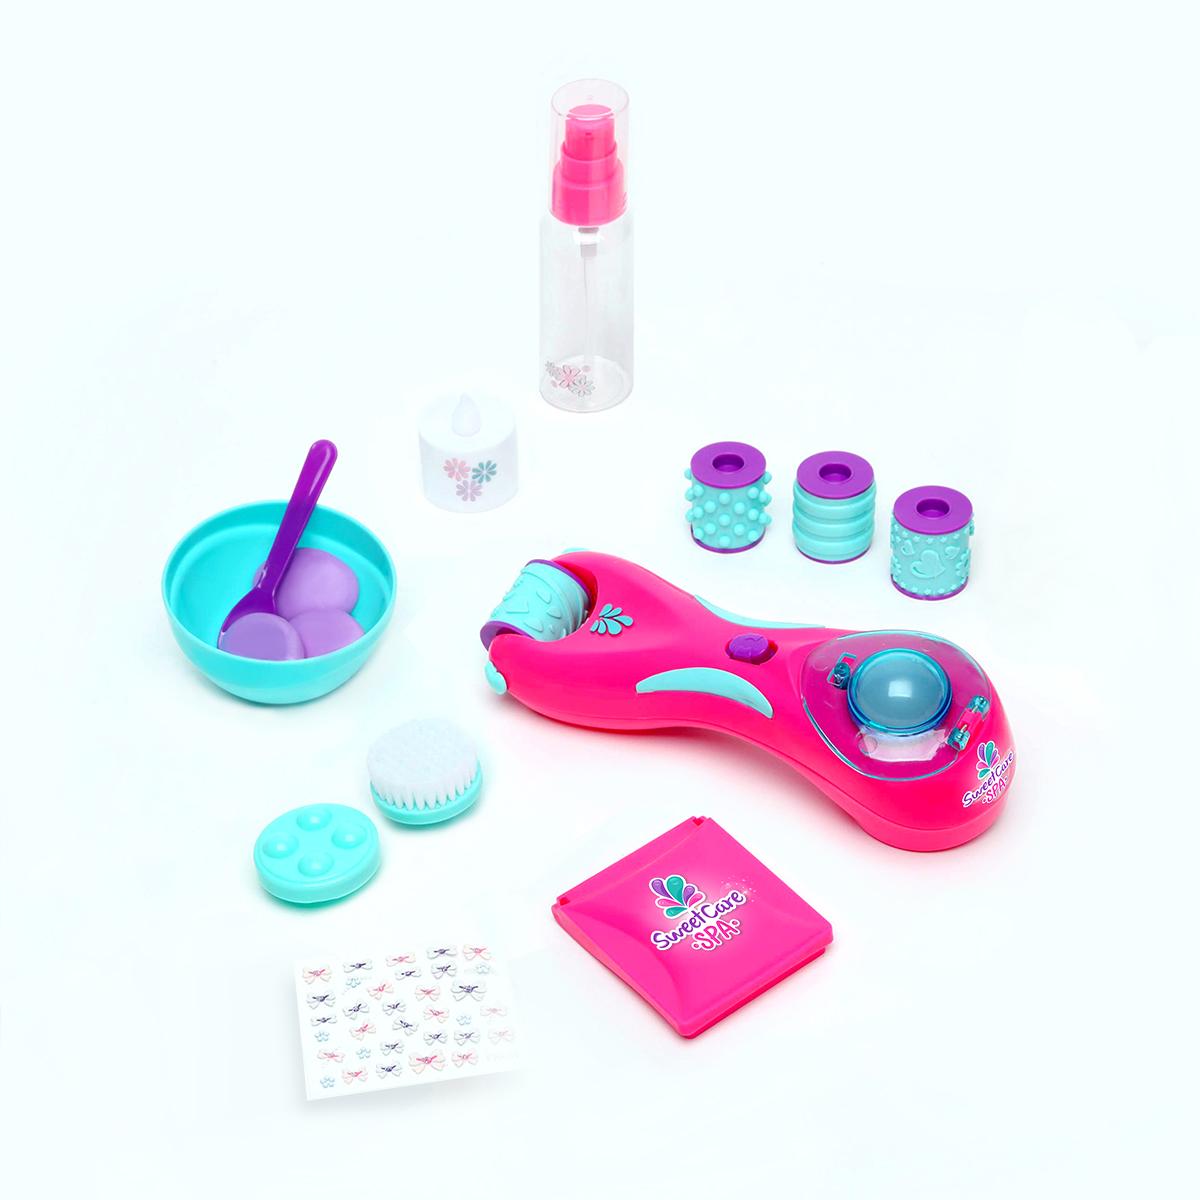 Ameurop Детский набор для тела BODY SPASCHCНабор для тела входит-аппарат для массажа, насадки для массажа и татуировки, наклейки.